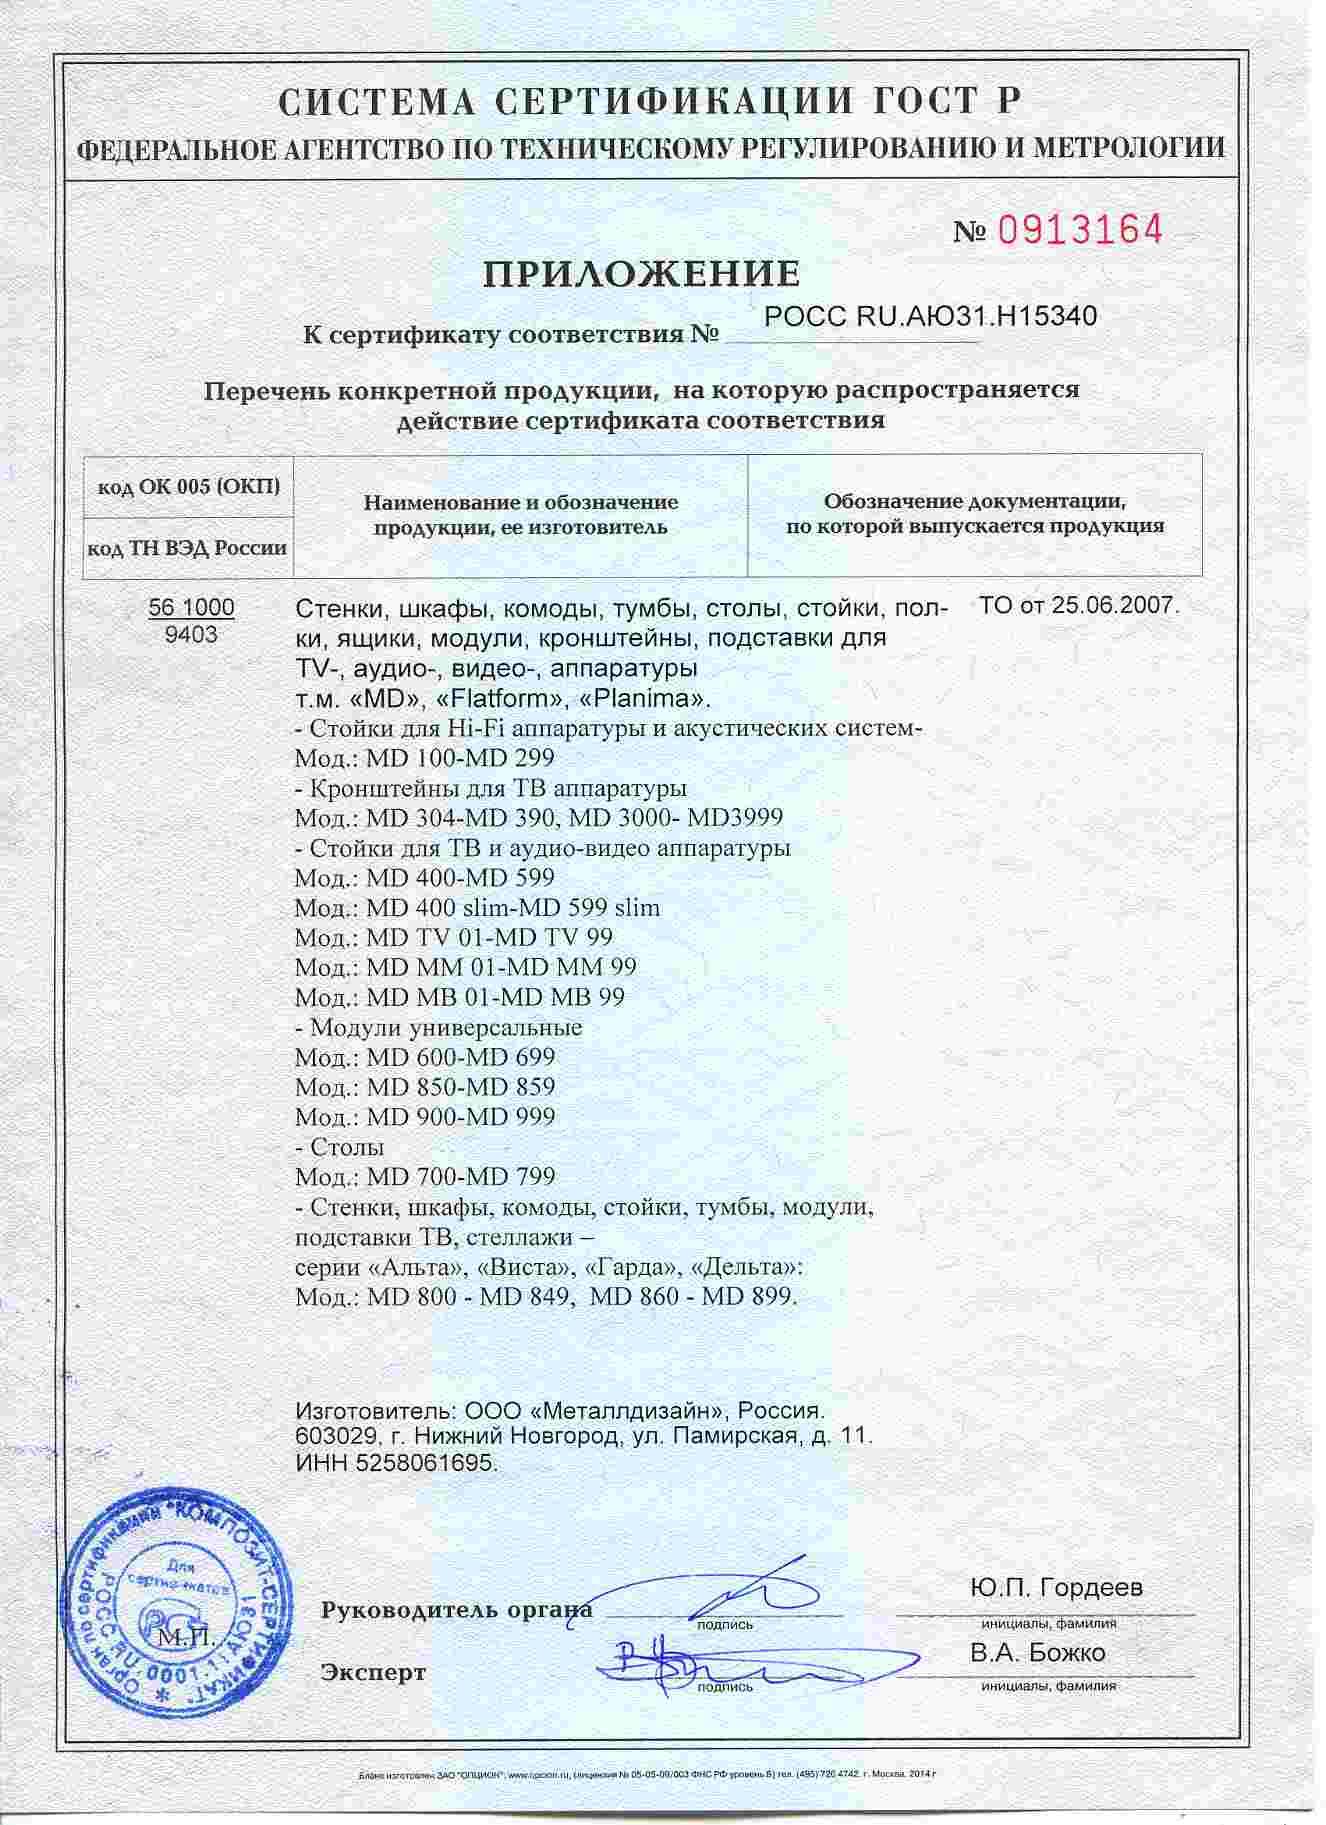 Тумба вдоль стены приложение к сертификату